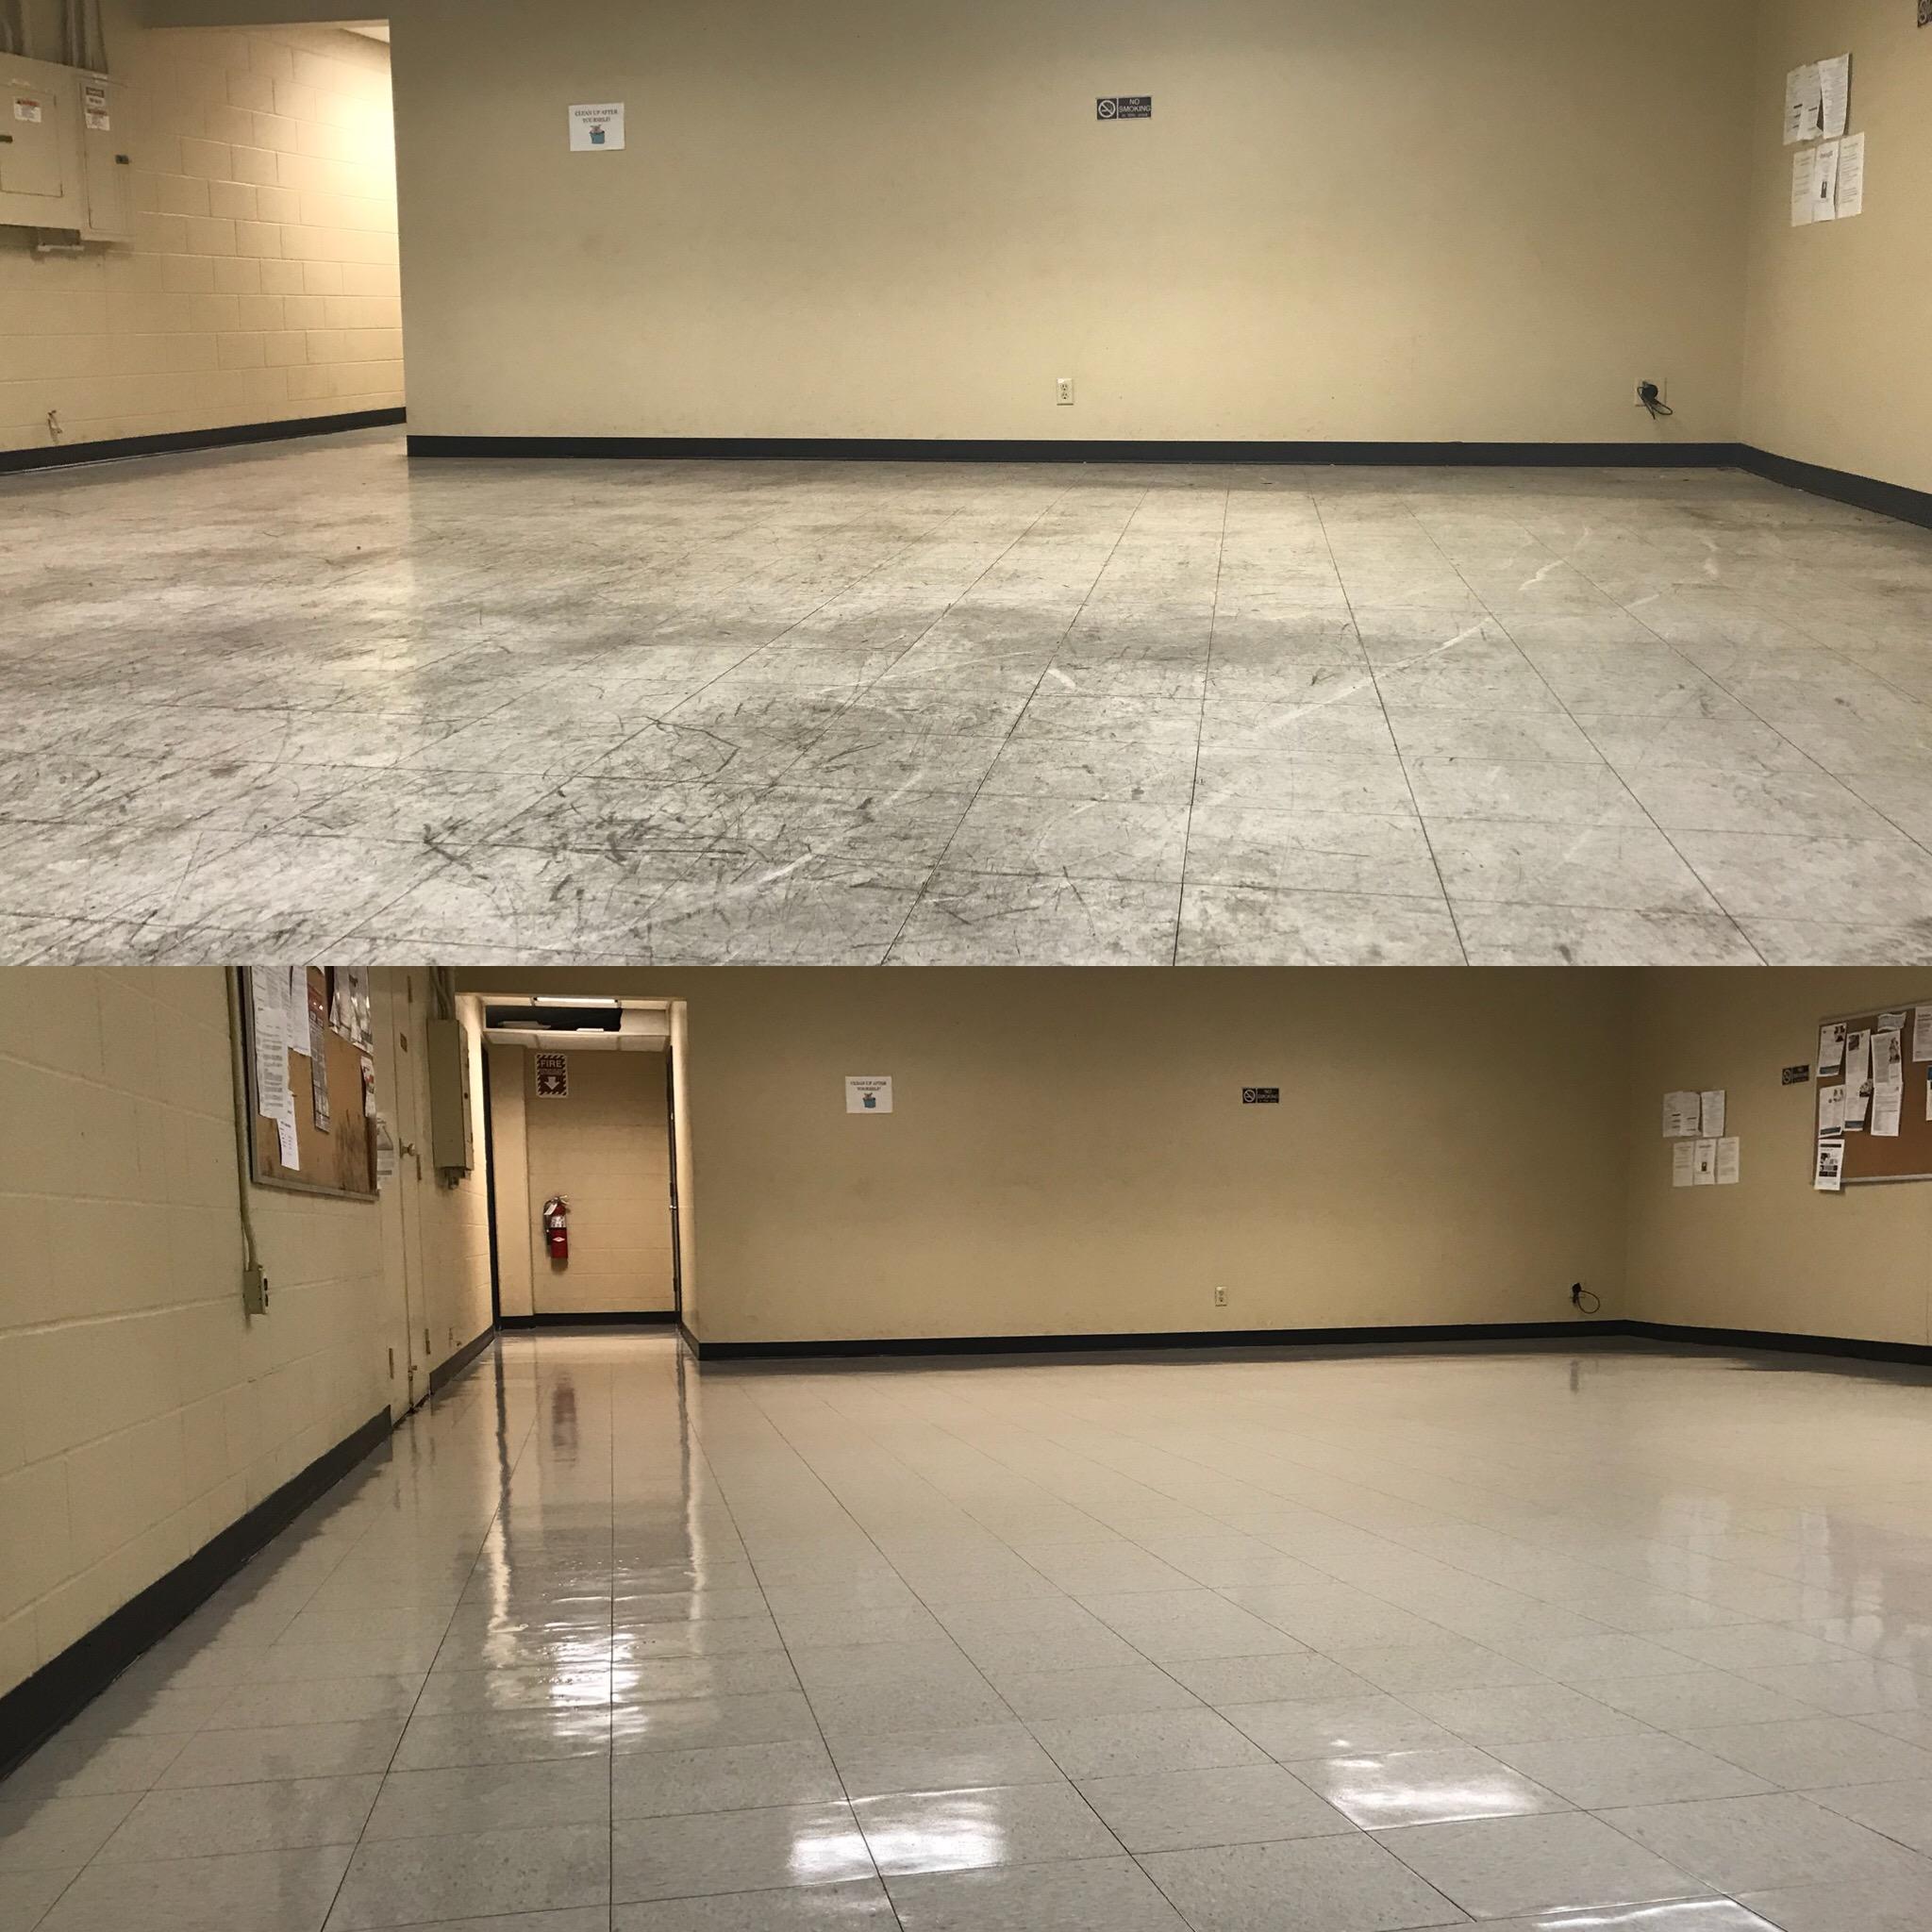 floor coating is best for vinyl floors